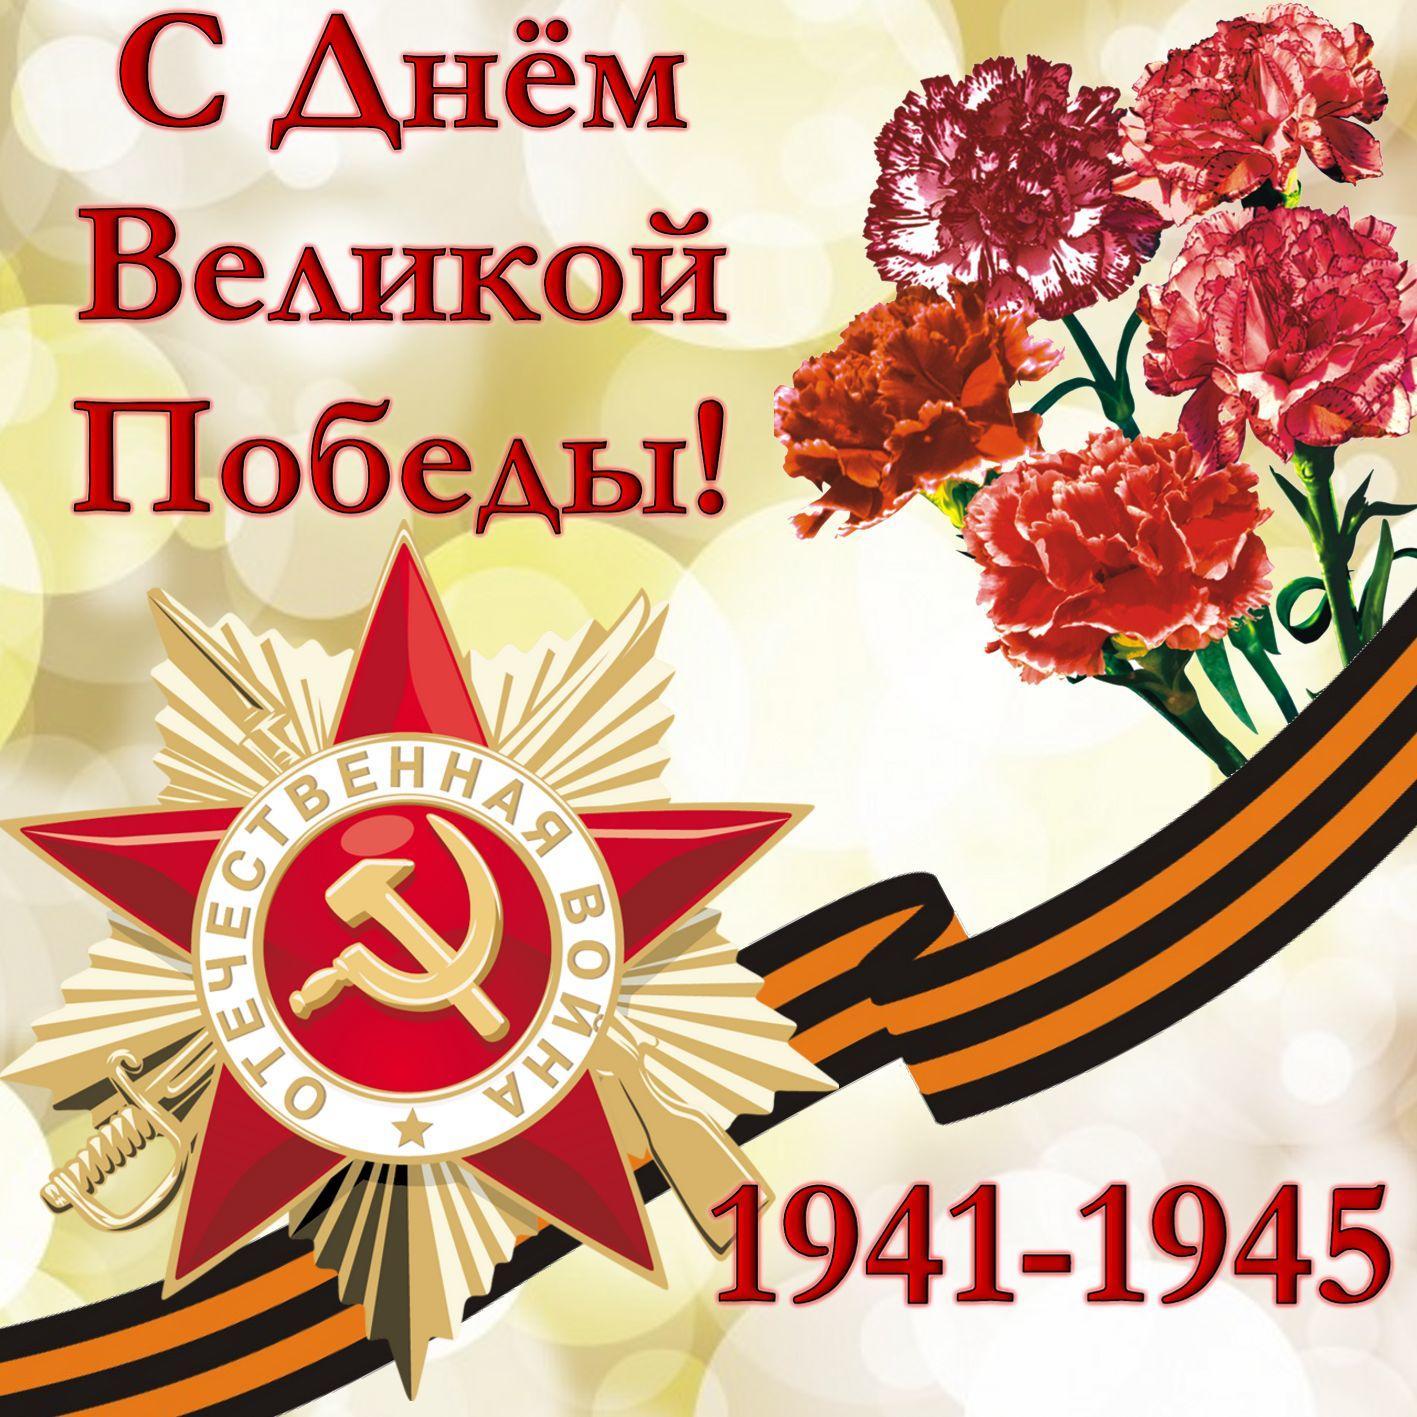 Поздравления с днем победы мирного неба